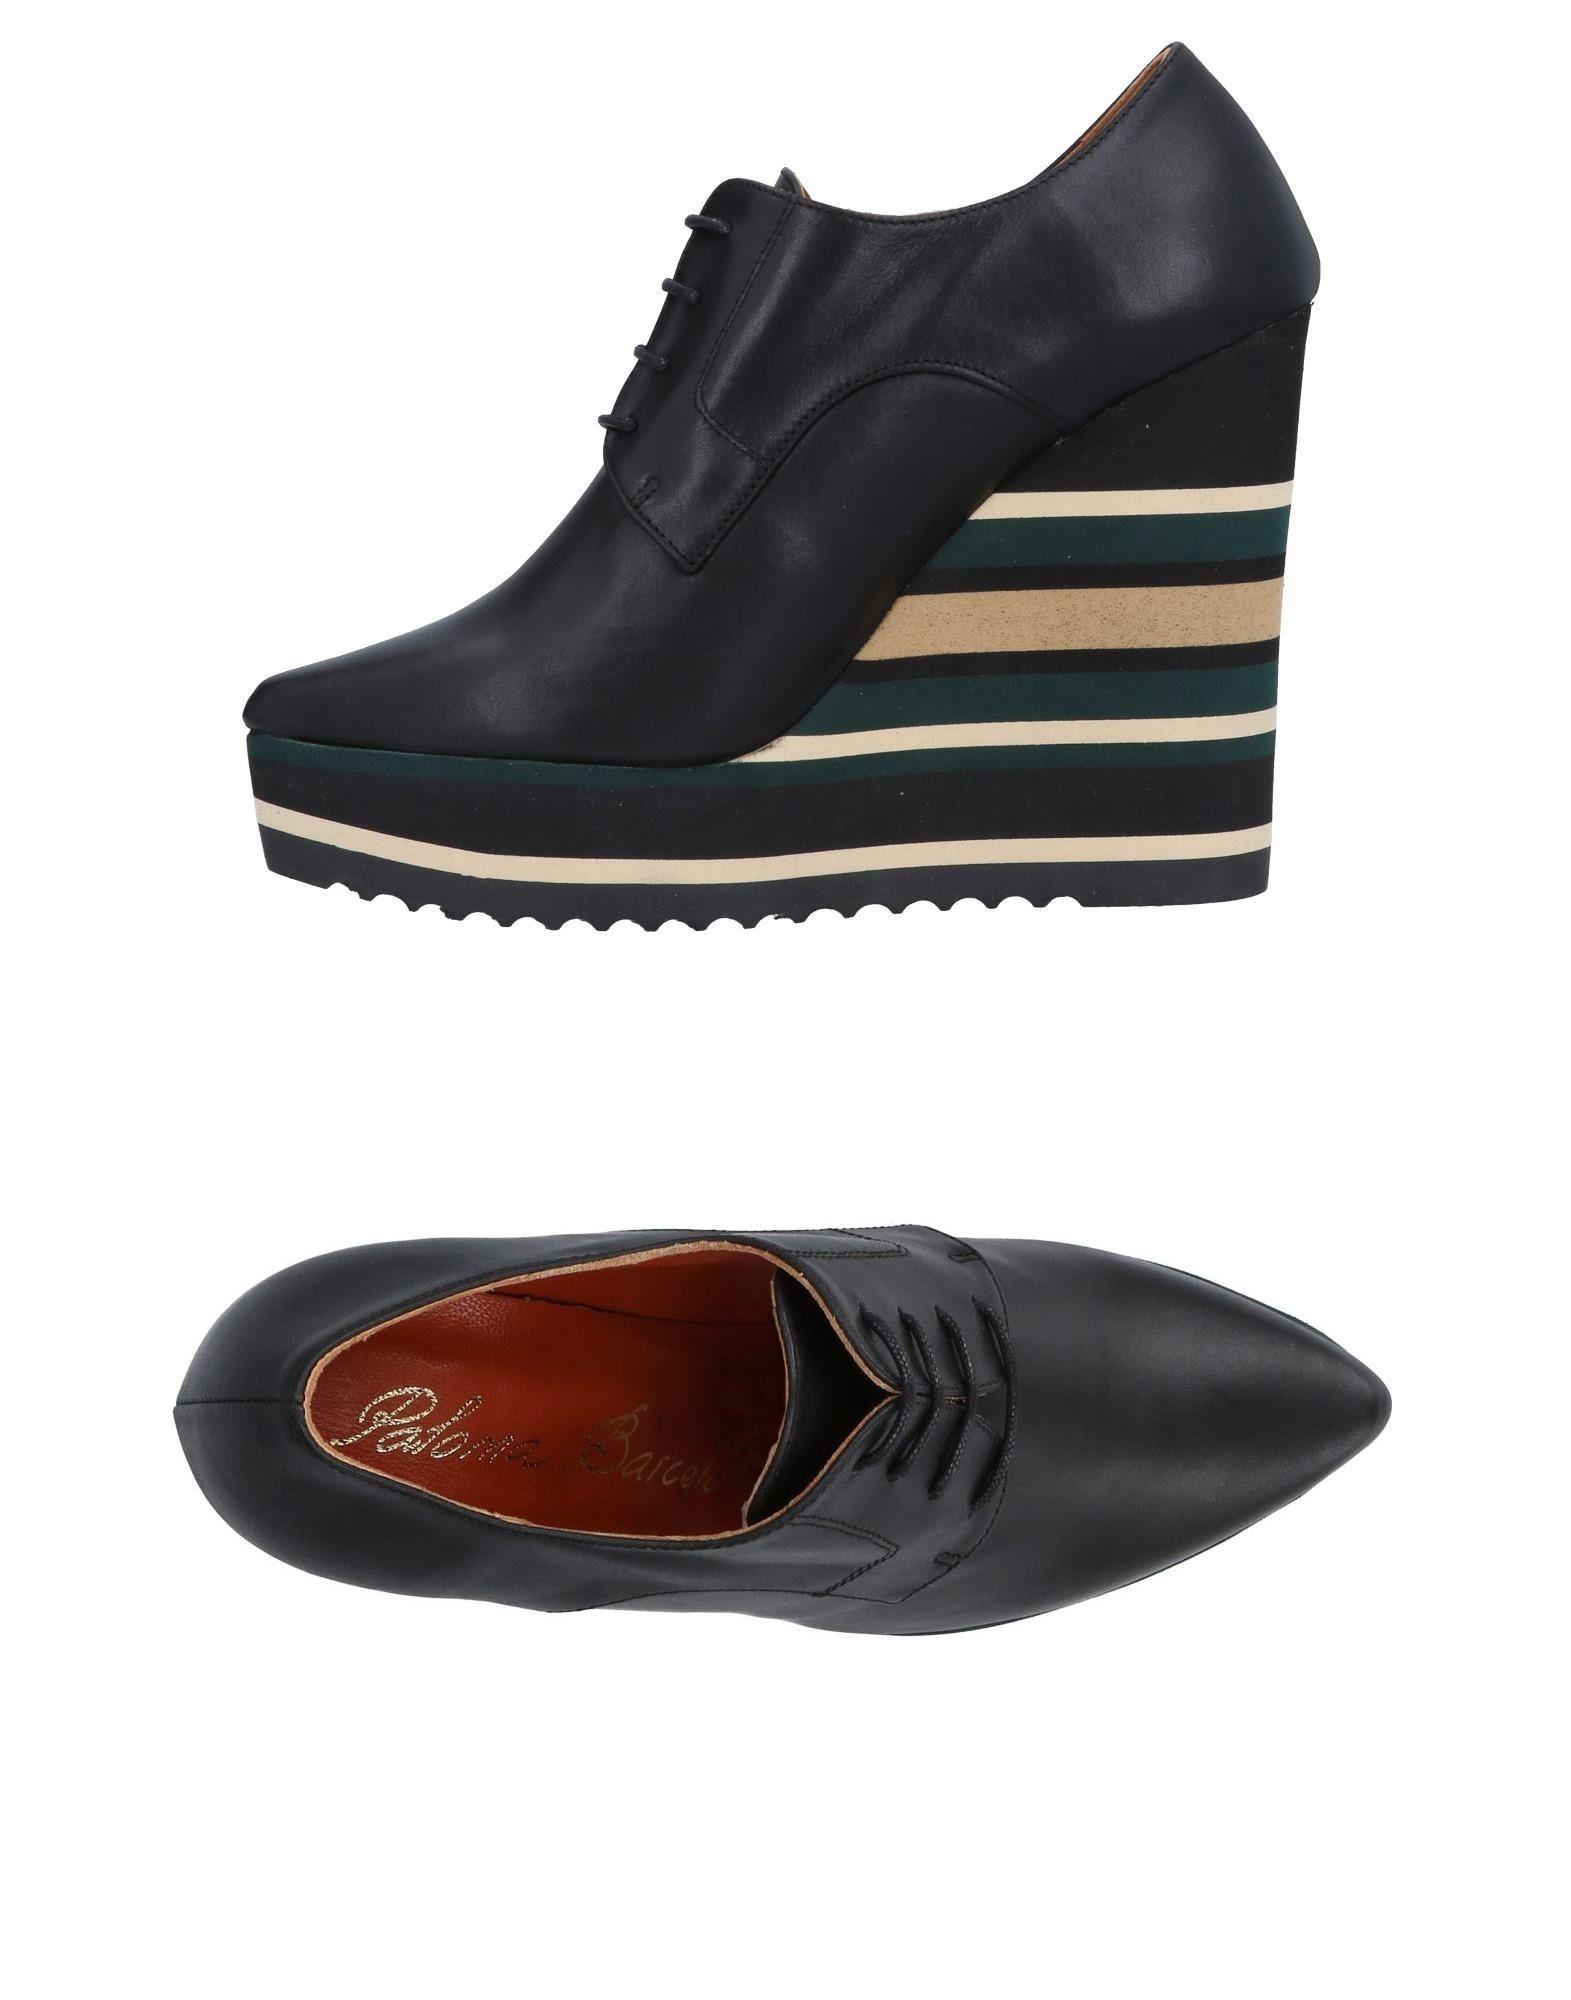 Stilvolle billige Schuhe Schuhe Schuhe Paloma Barceló Schnürschuhe Damen  11501176UP a4d96d